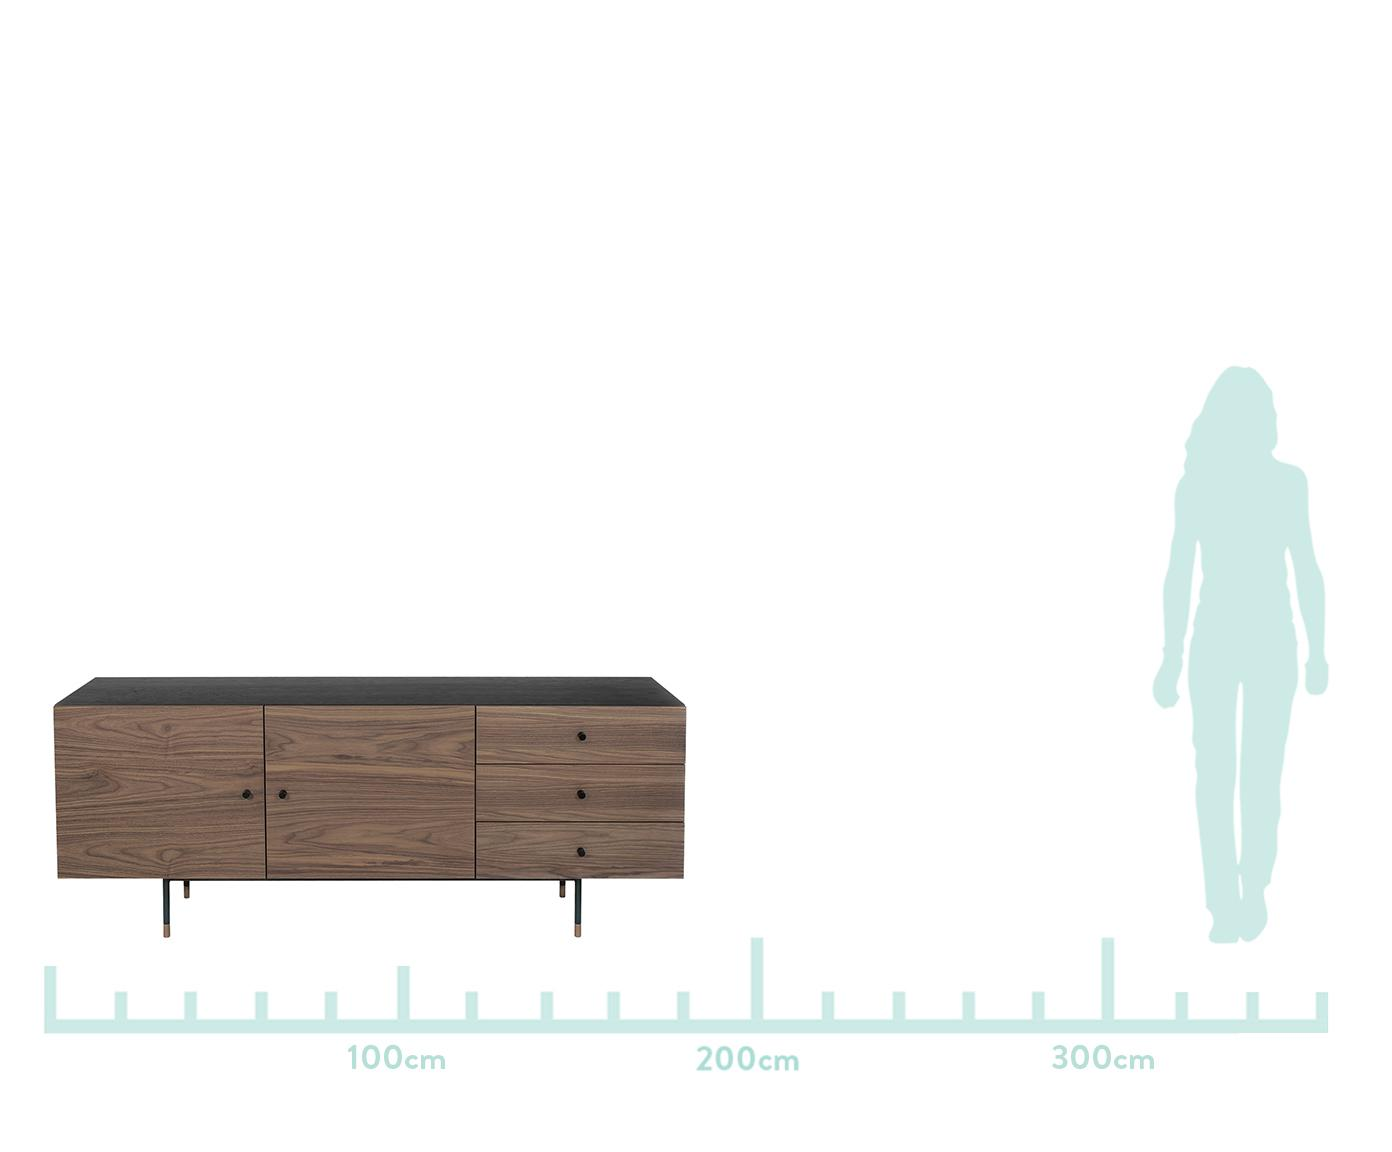 Sideboard Youth mit Eichenholzfurnier, Korpus: Mitteldichte Holzfaserpla, Füße: Metall, pulverbeschichtet, Griffe: Metall, Walnussholz, 180 x 70 cm